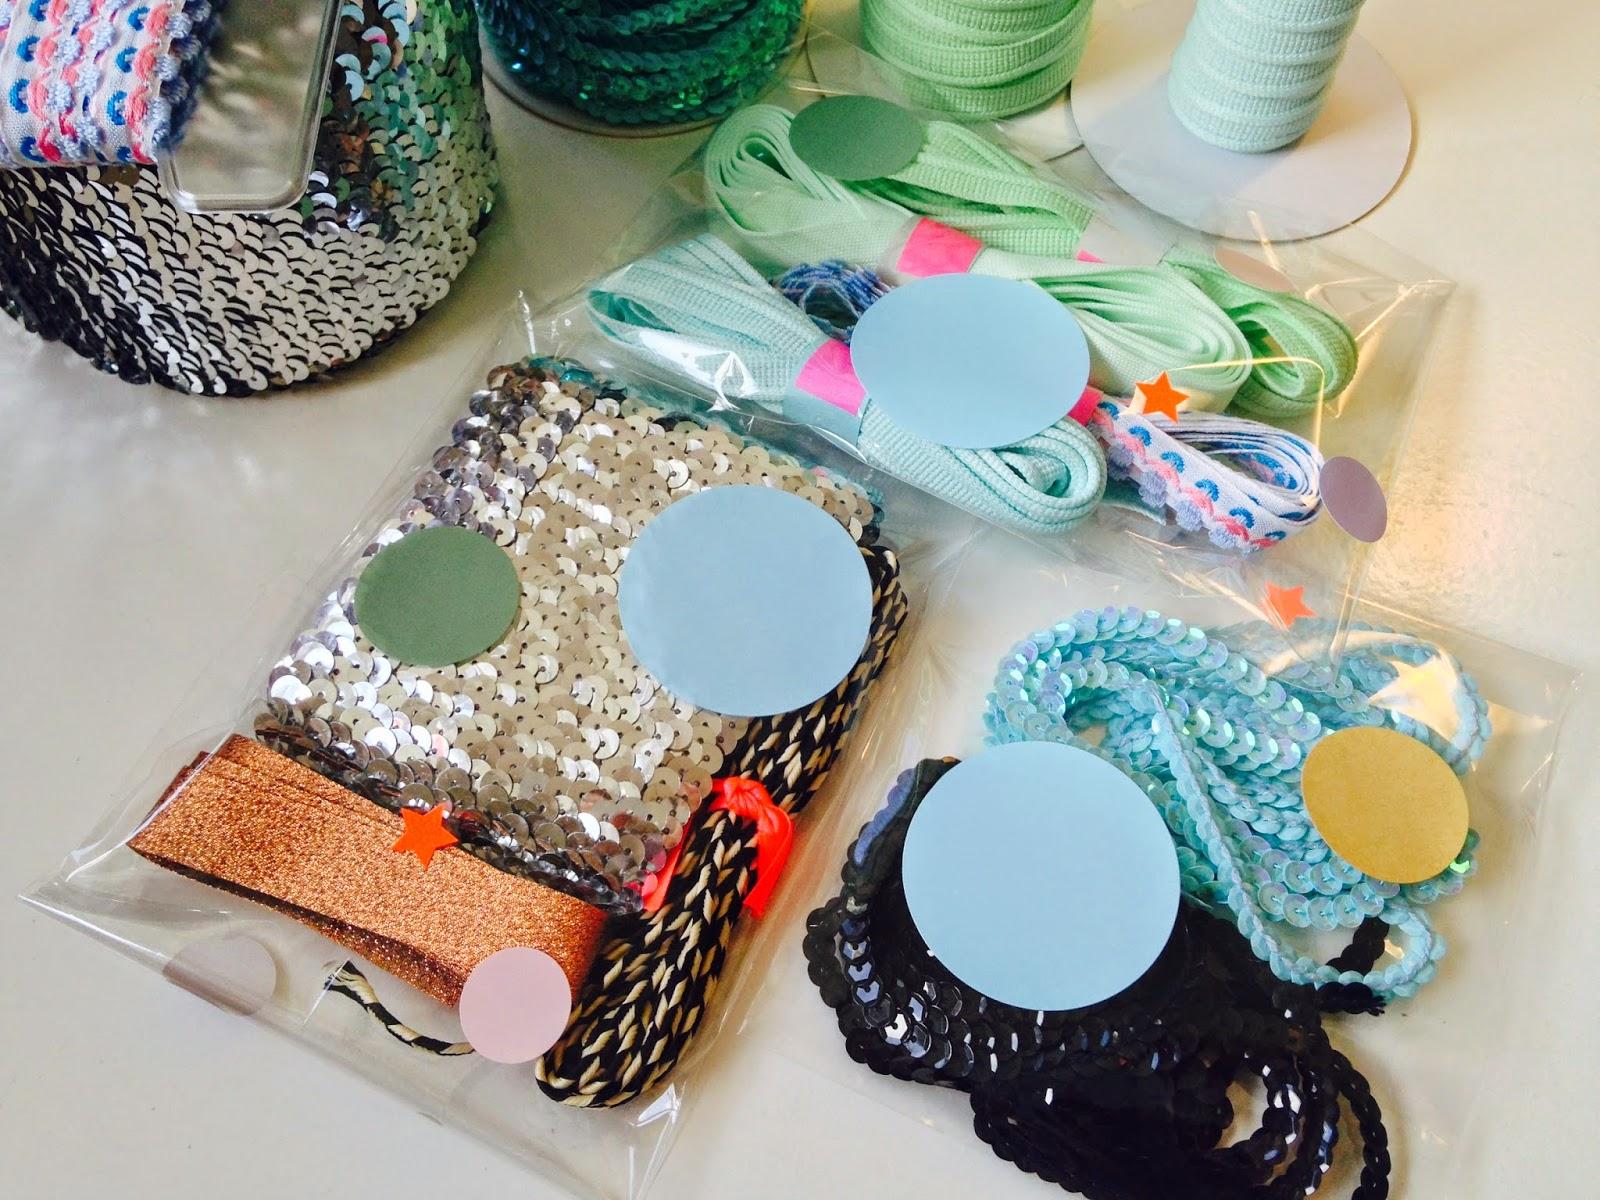 Alle båndene pakkes i cellofanposer pyntet med runde stickers - klar til at putte i boblekuvert og sendes afsted til kunde.